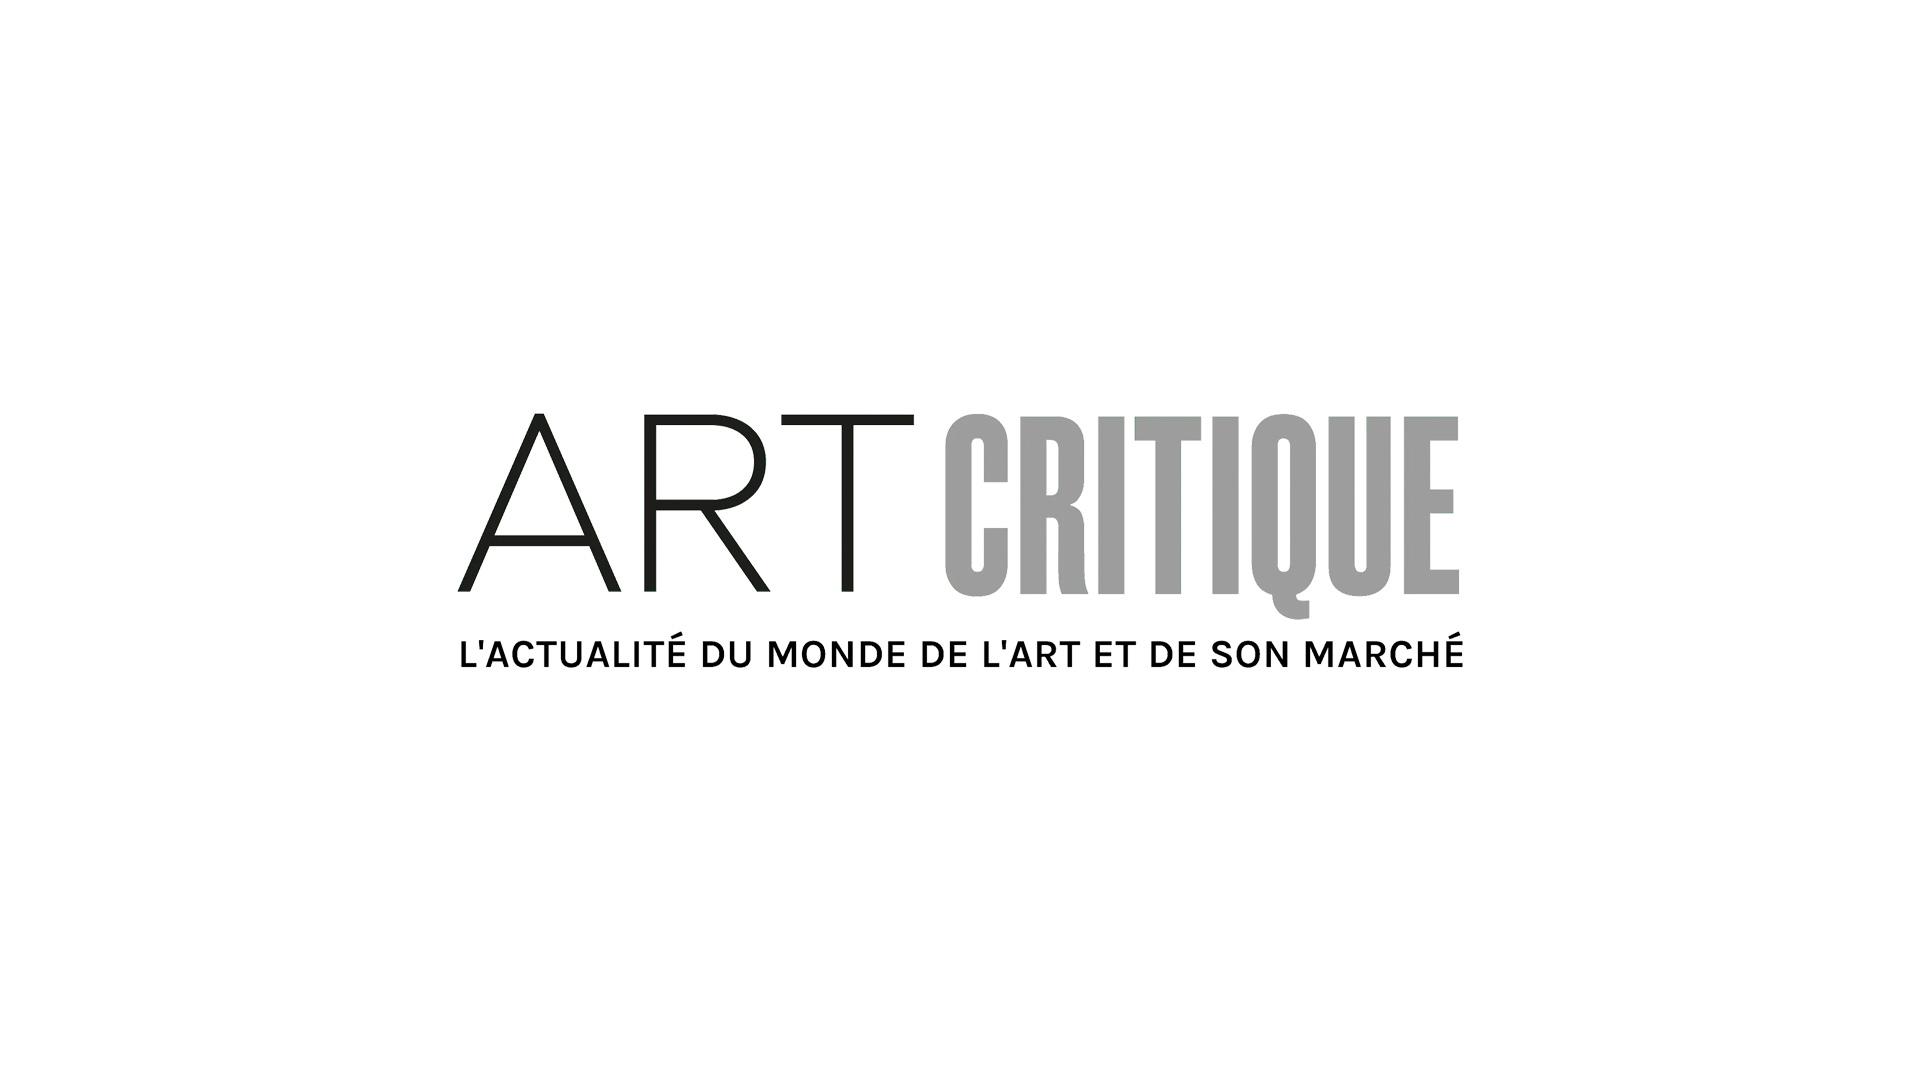 Exposition : L'Empire des sens, de François Boucher à Jean-Baptiste Greuze, au musée Cognacq-Jay Unnamed-10-3bud2objc8nfrjlgjgl9mo